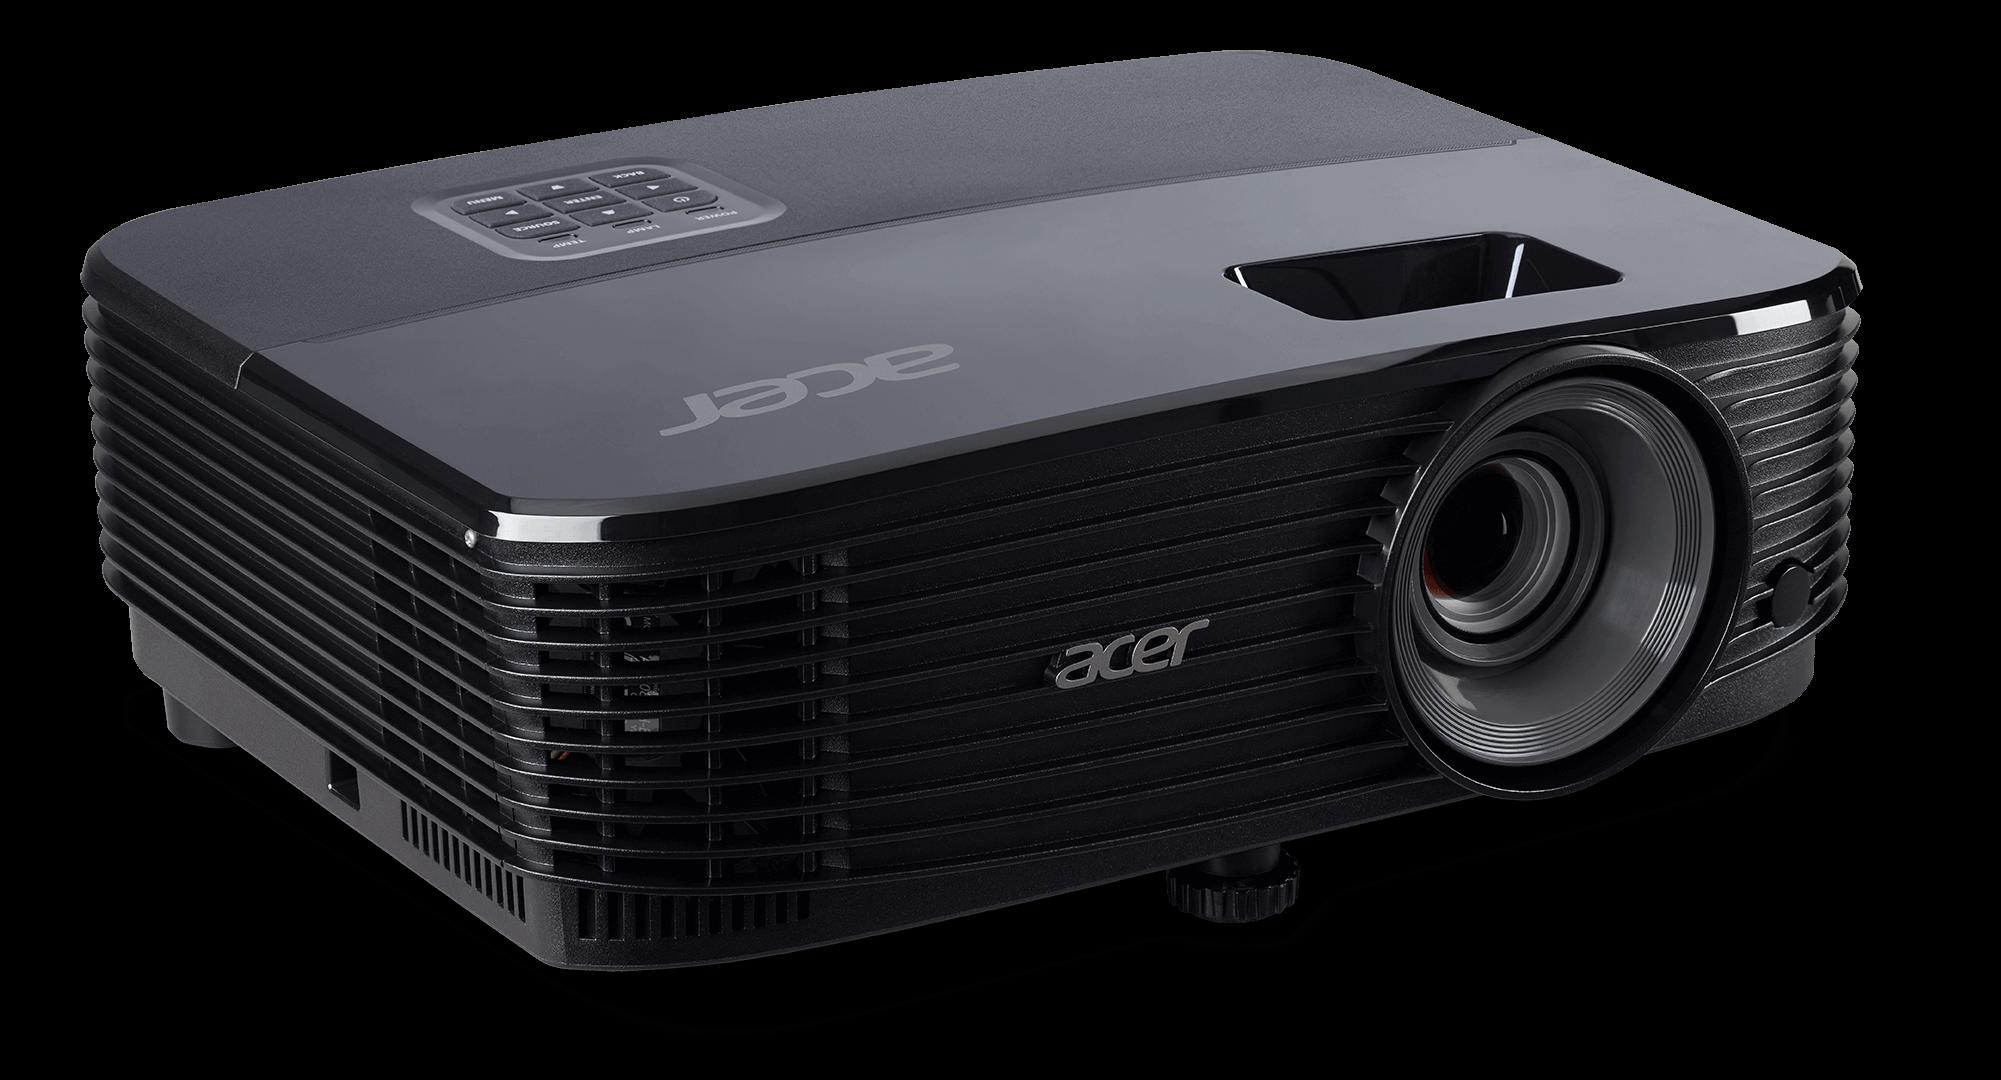 เครืองฉายภาพโปรเจคเตอร์ ยี่ห้อ Acer รุ่น X1123H สพฐ